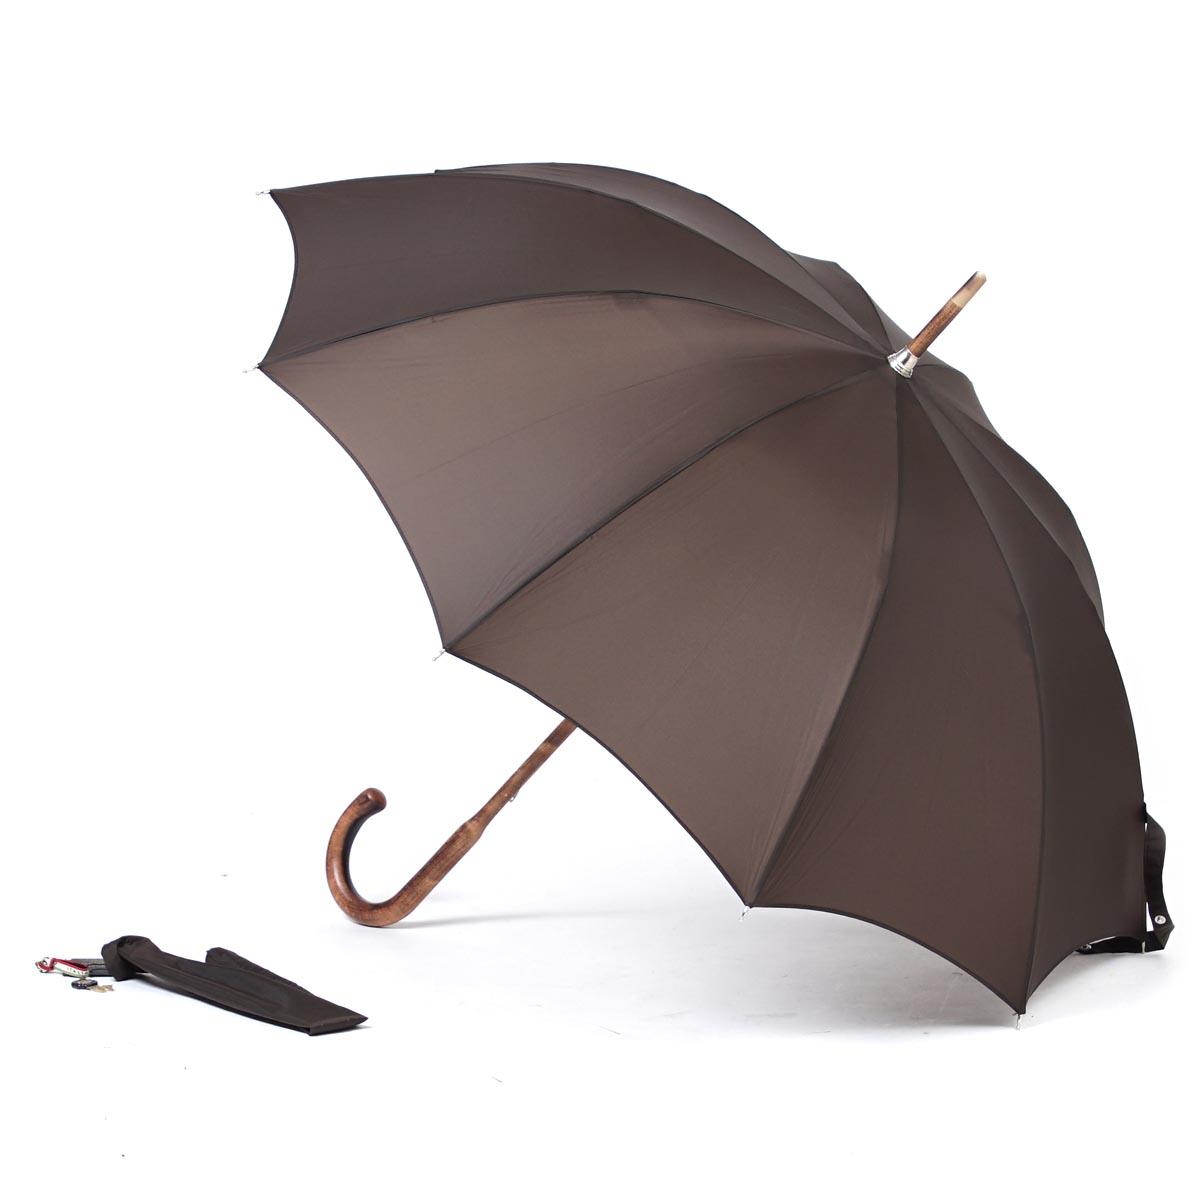 orobianko Orobianco傘(60cm)PATT V01棕色派patt v01人